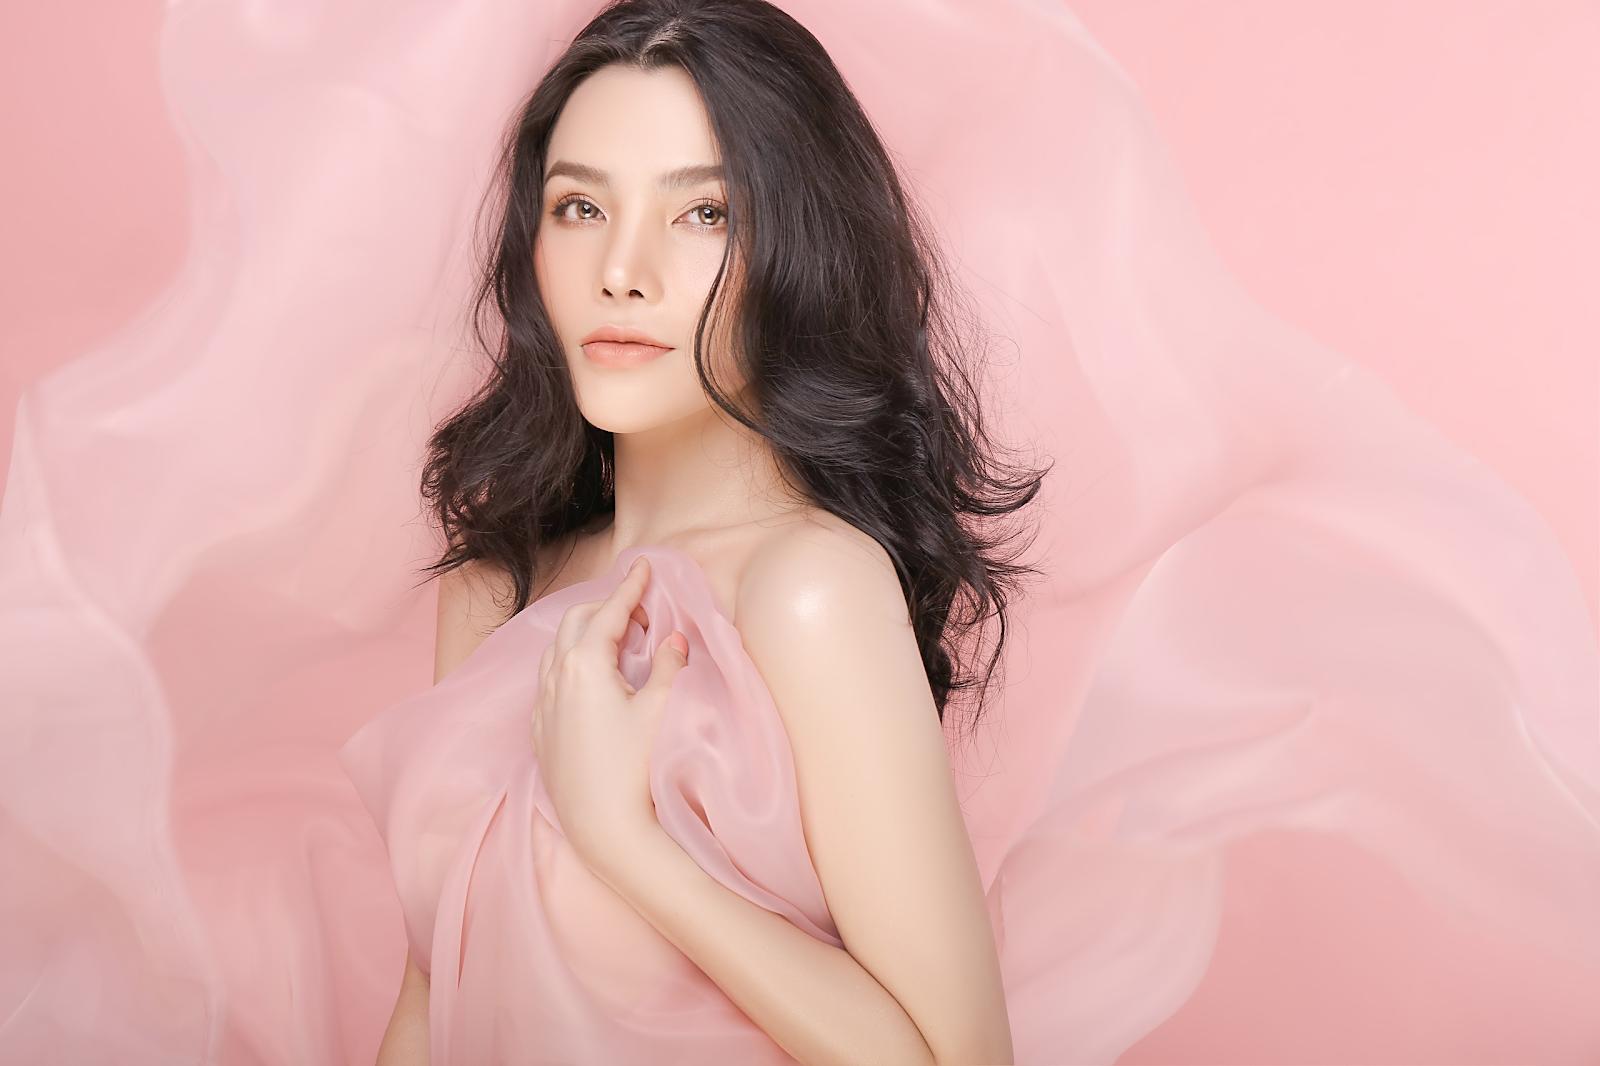 Hotgirl Phạm Ngọc Vi: Làm đẹp không khó quan trọng là chị em phụ nữ có muốn hay là không thôi - Ảnh 5